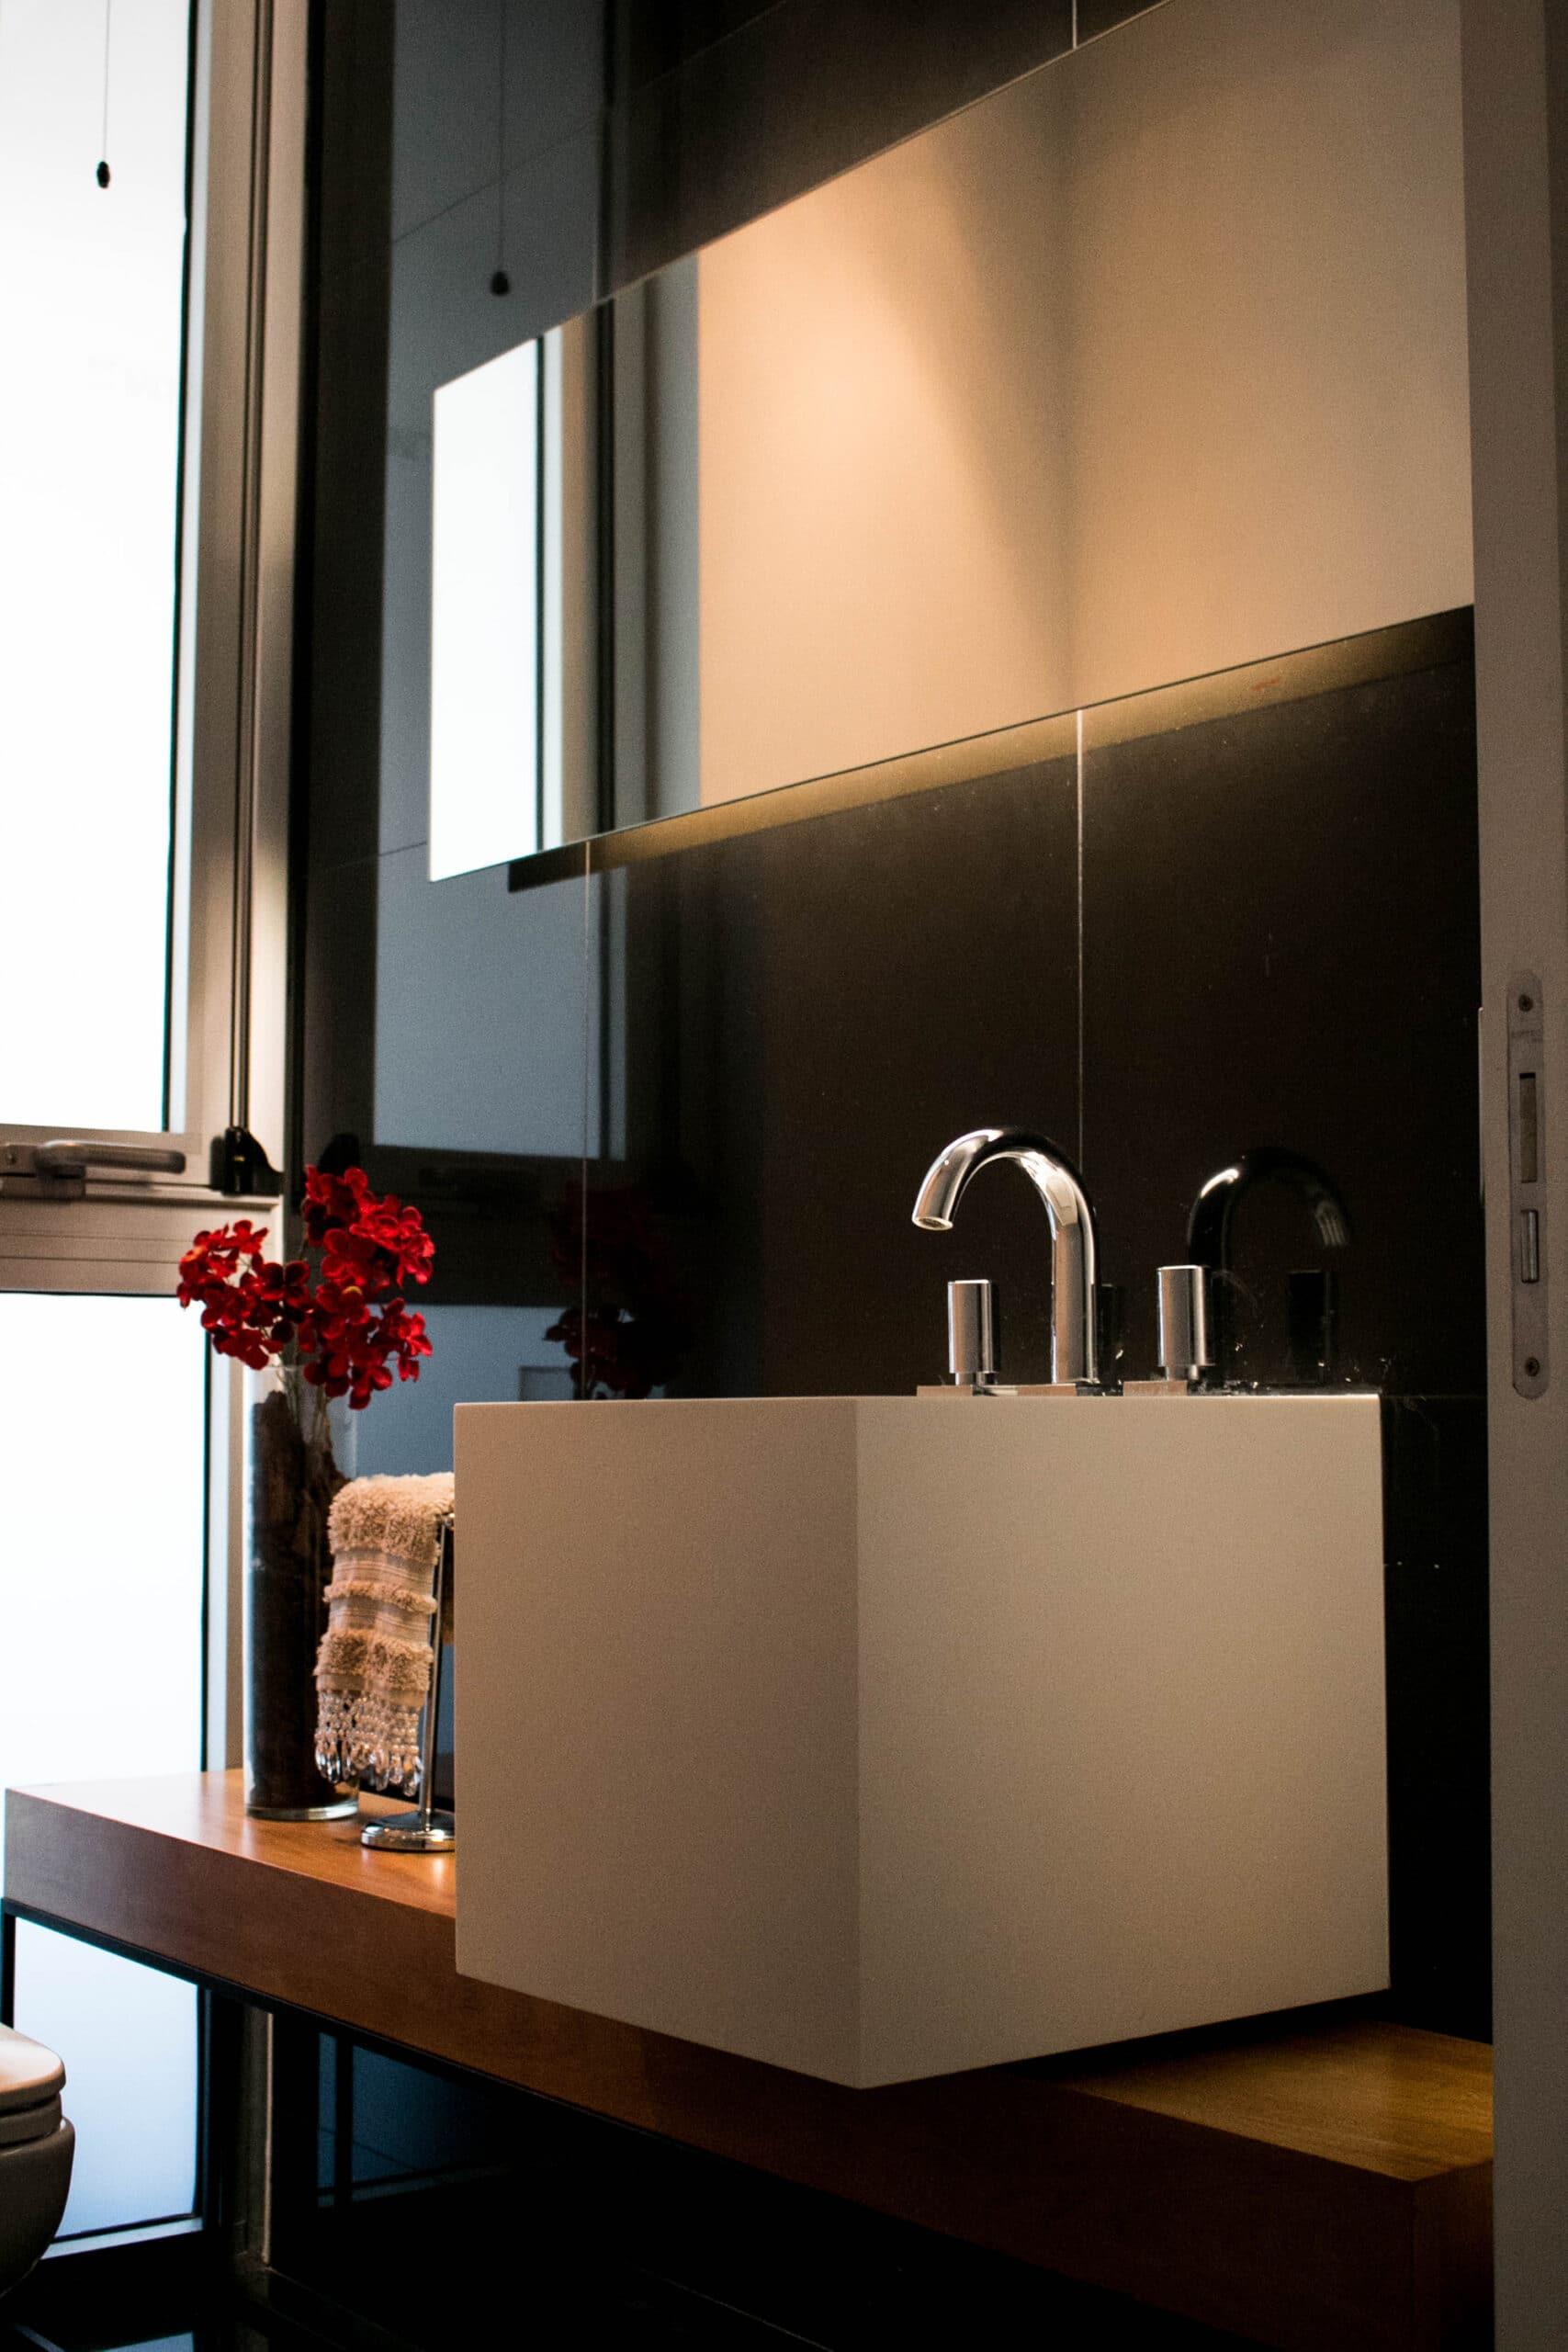 Romina Calzi Arquitectura interiorismo Pedro Moran 3871 14@2x